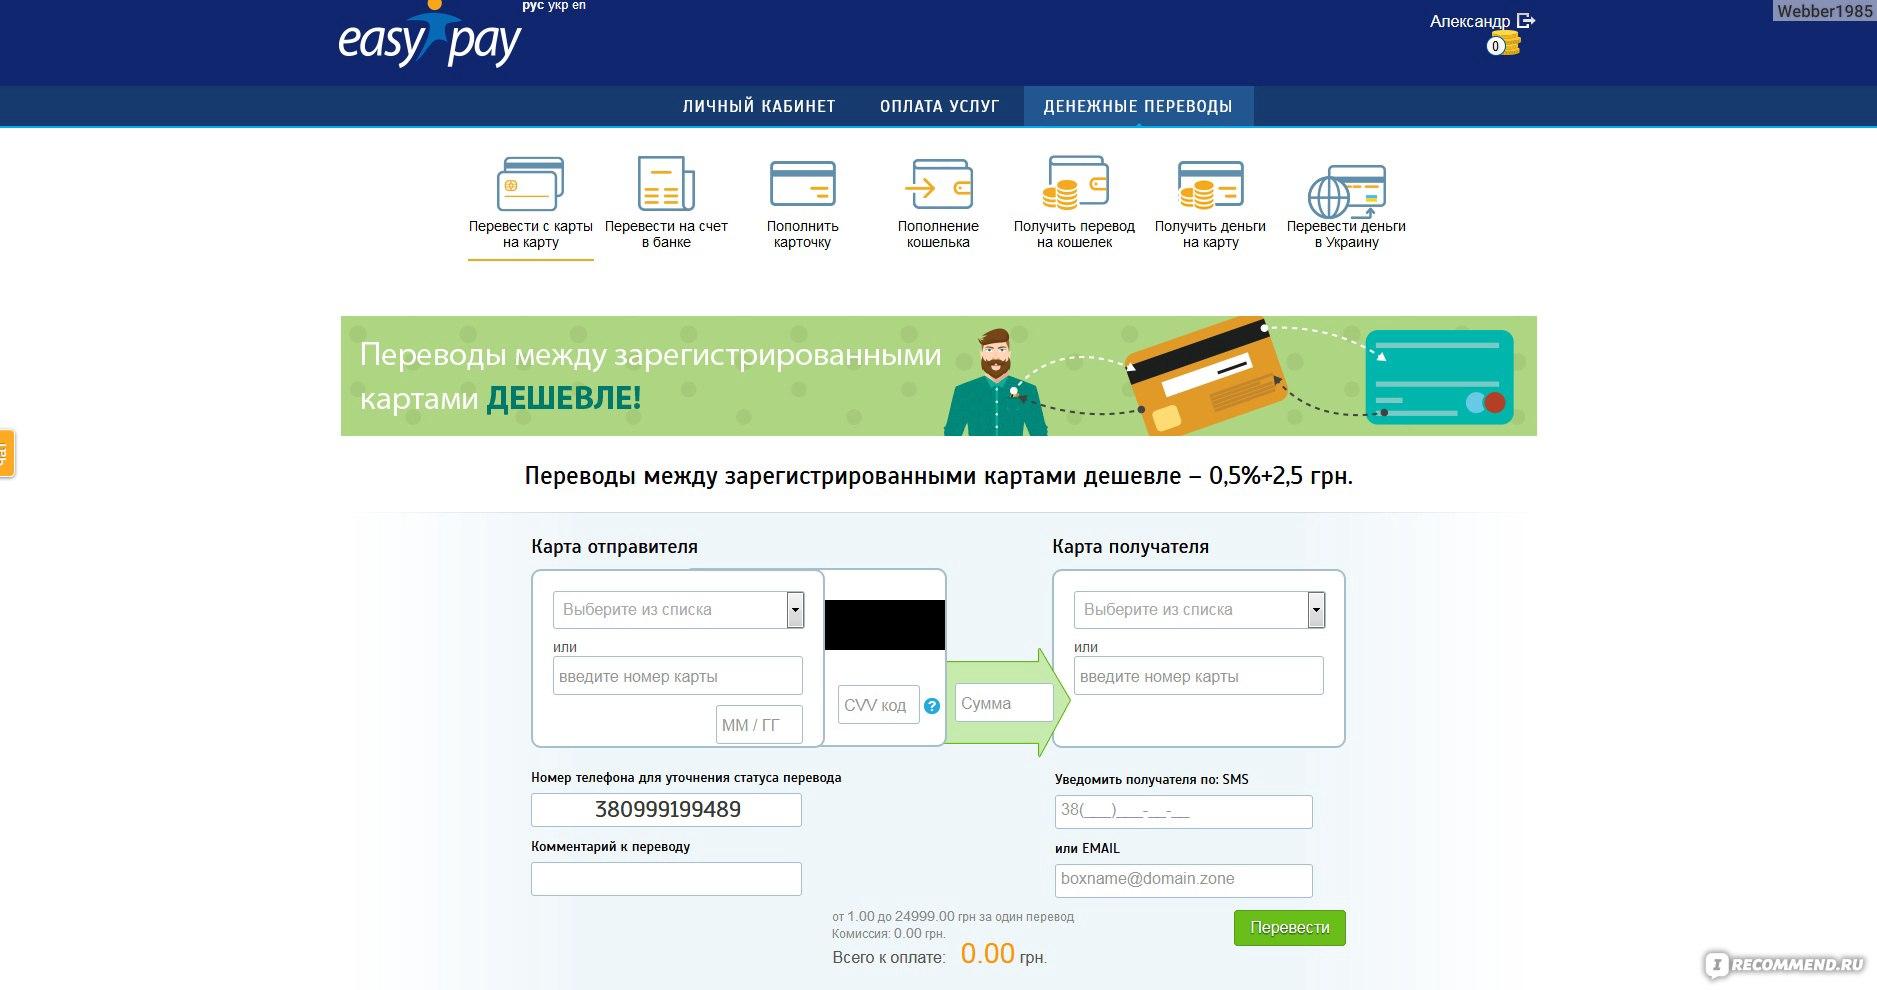 Электронный кошелек Easy Pay - «Удобный и понятный» | Отзывы покупателей